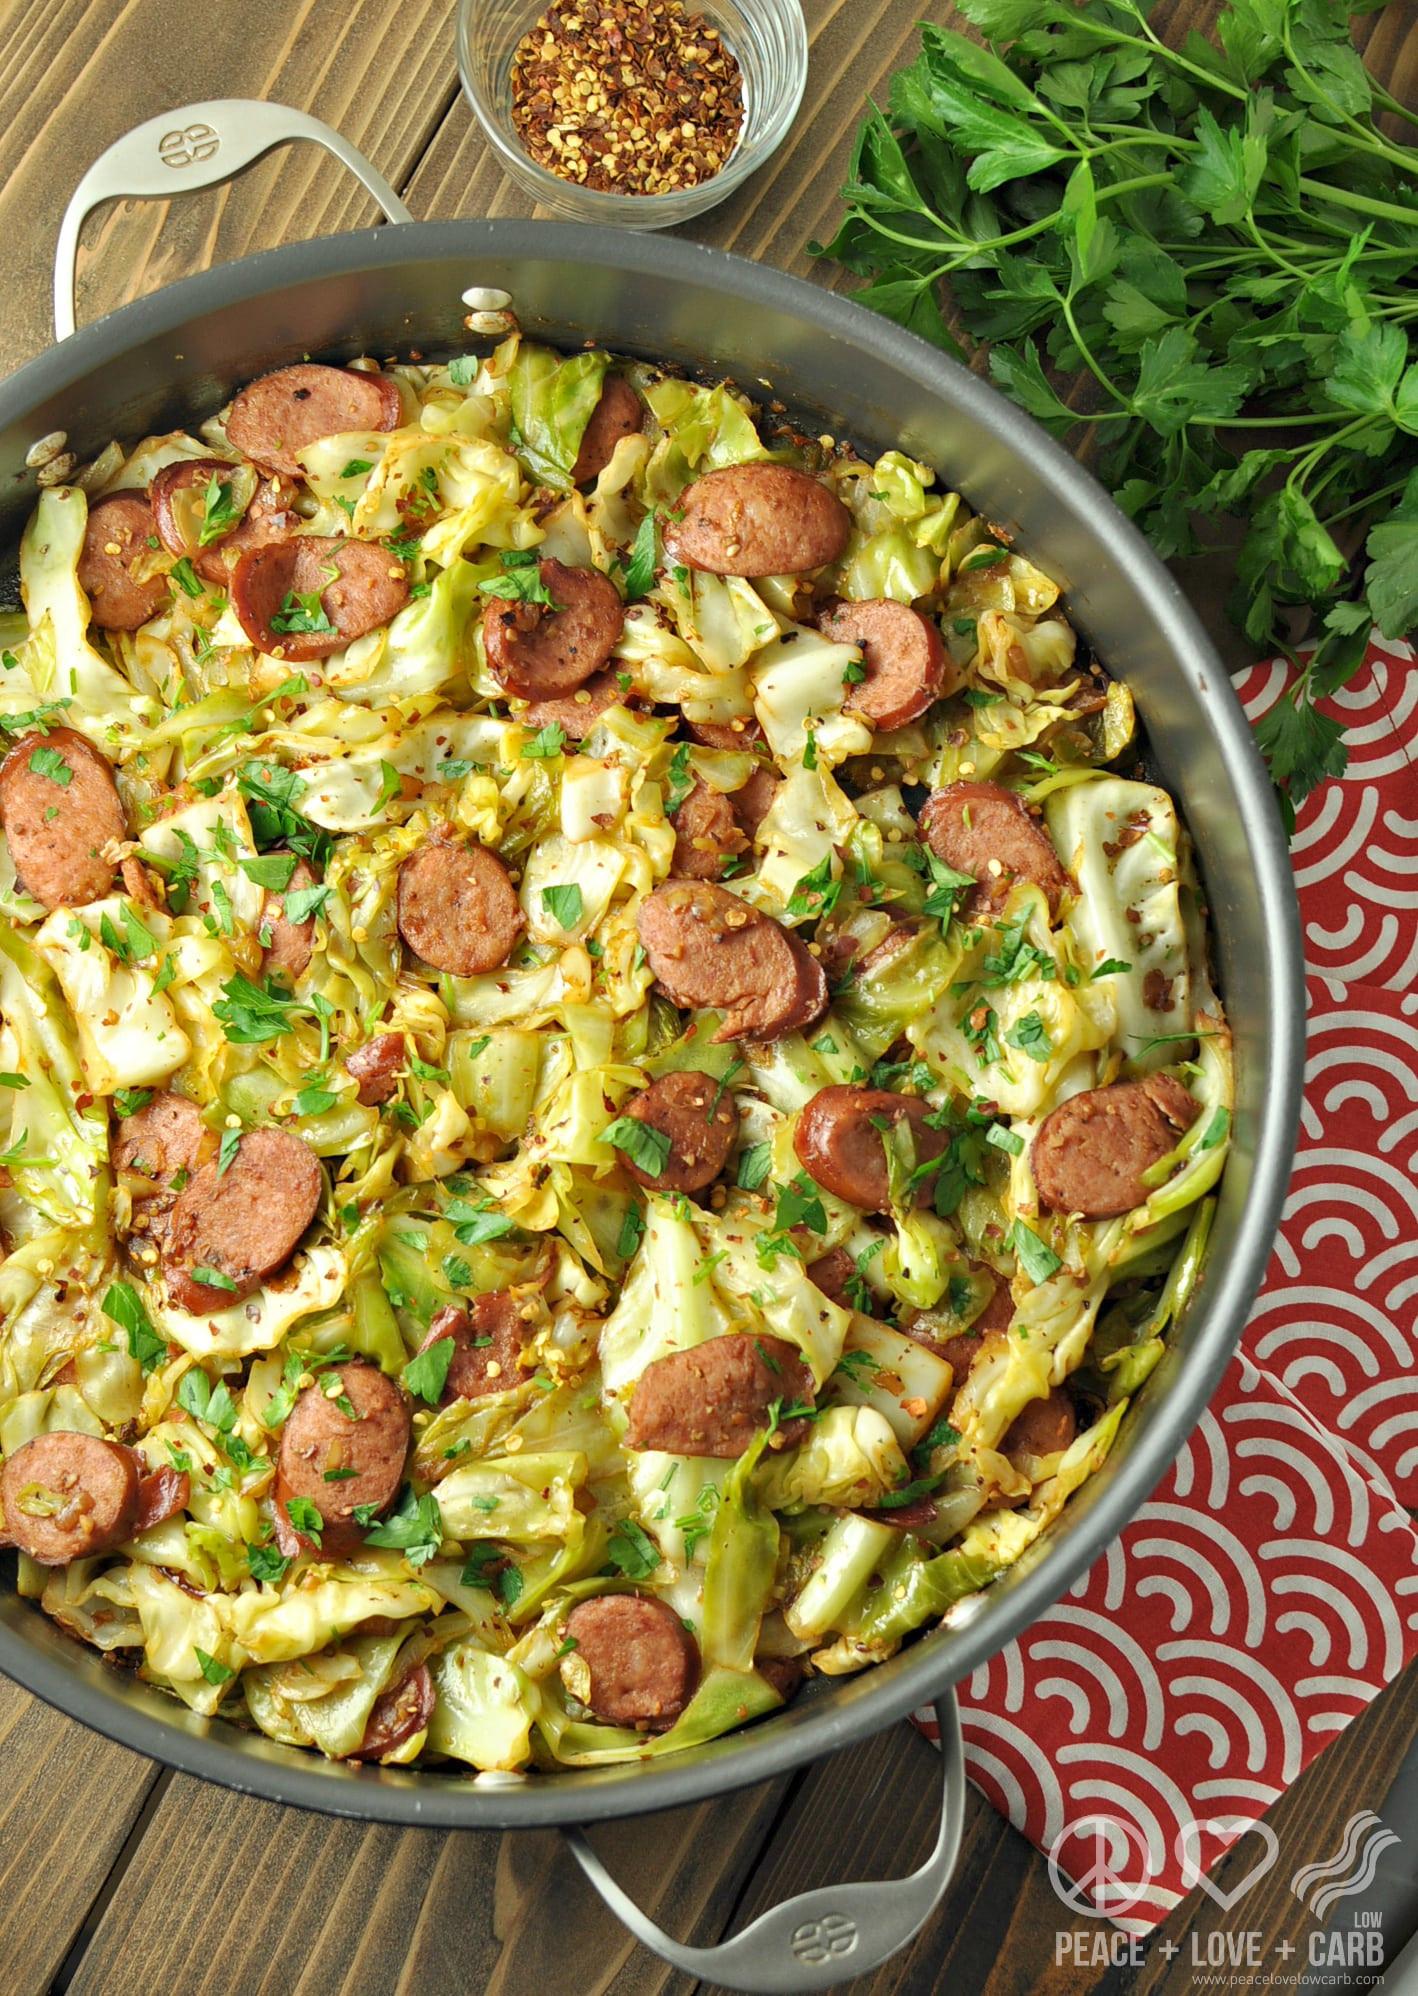 Low Carb Kielbasa Recipes  Fried Cabbage with Kielbasa Low Carb Paleo Gluten Free